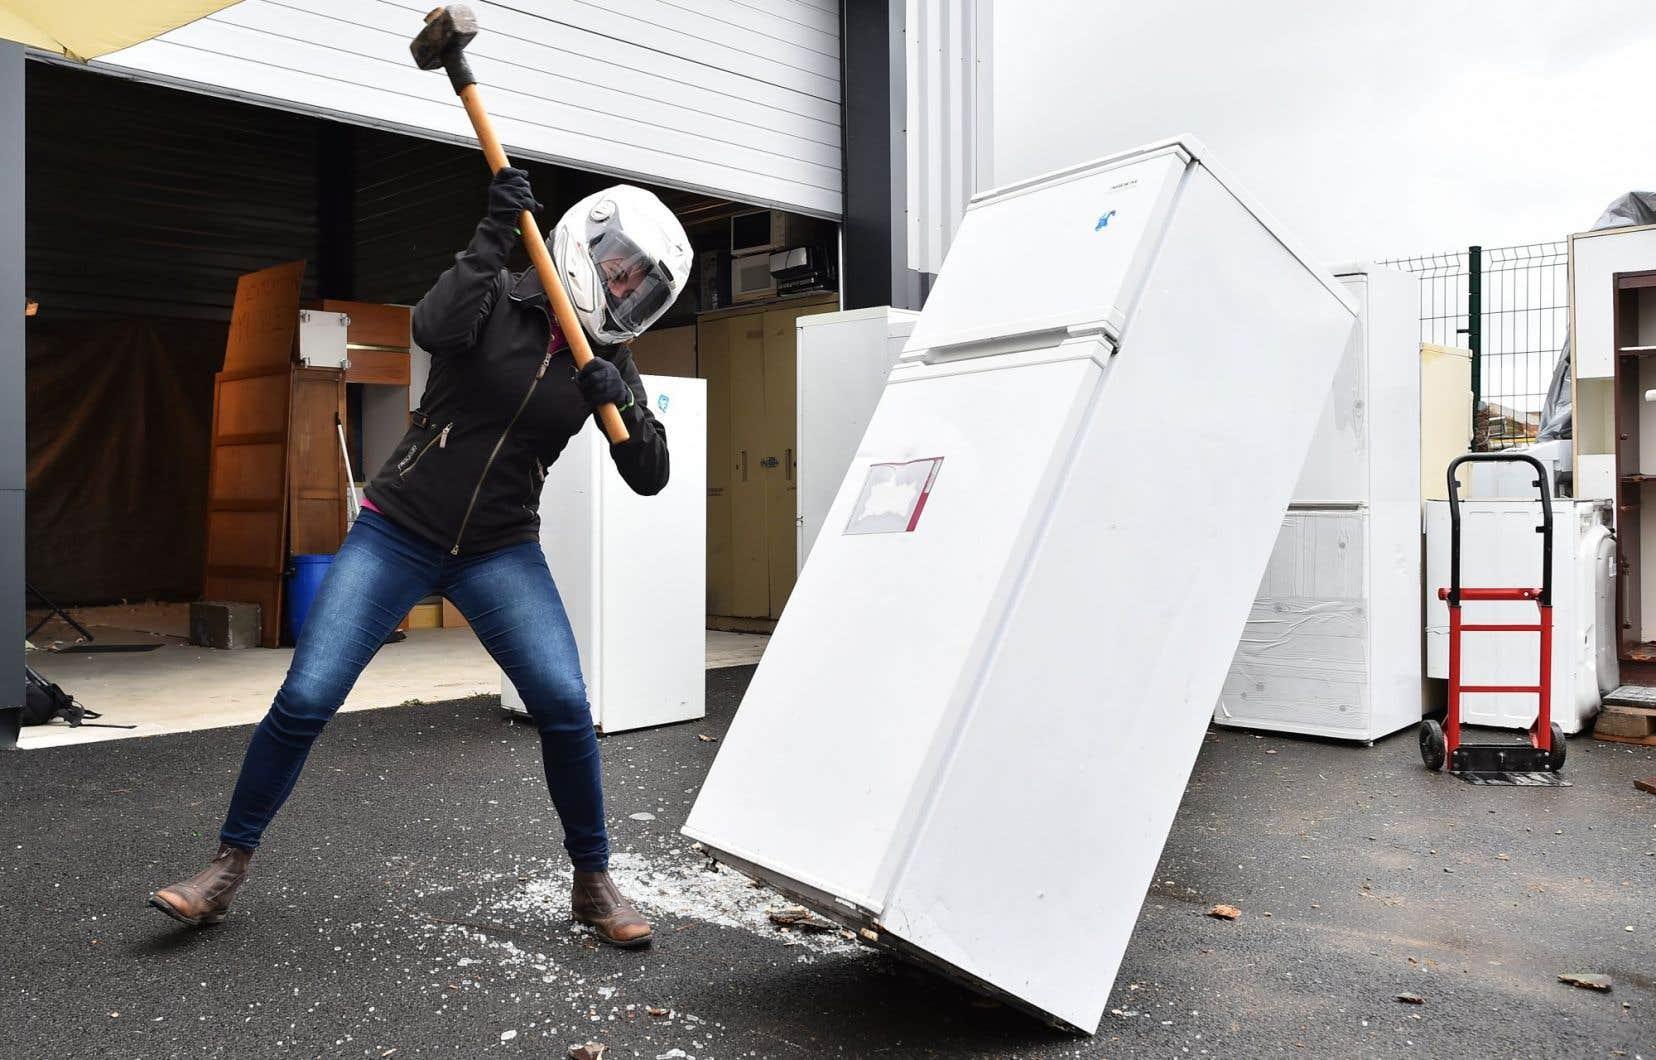 Une personne détruit un réfrigérateur avec une masse.